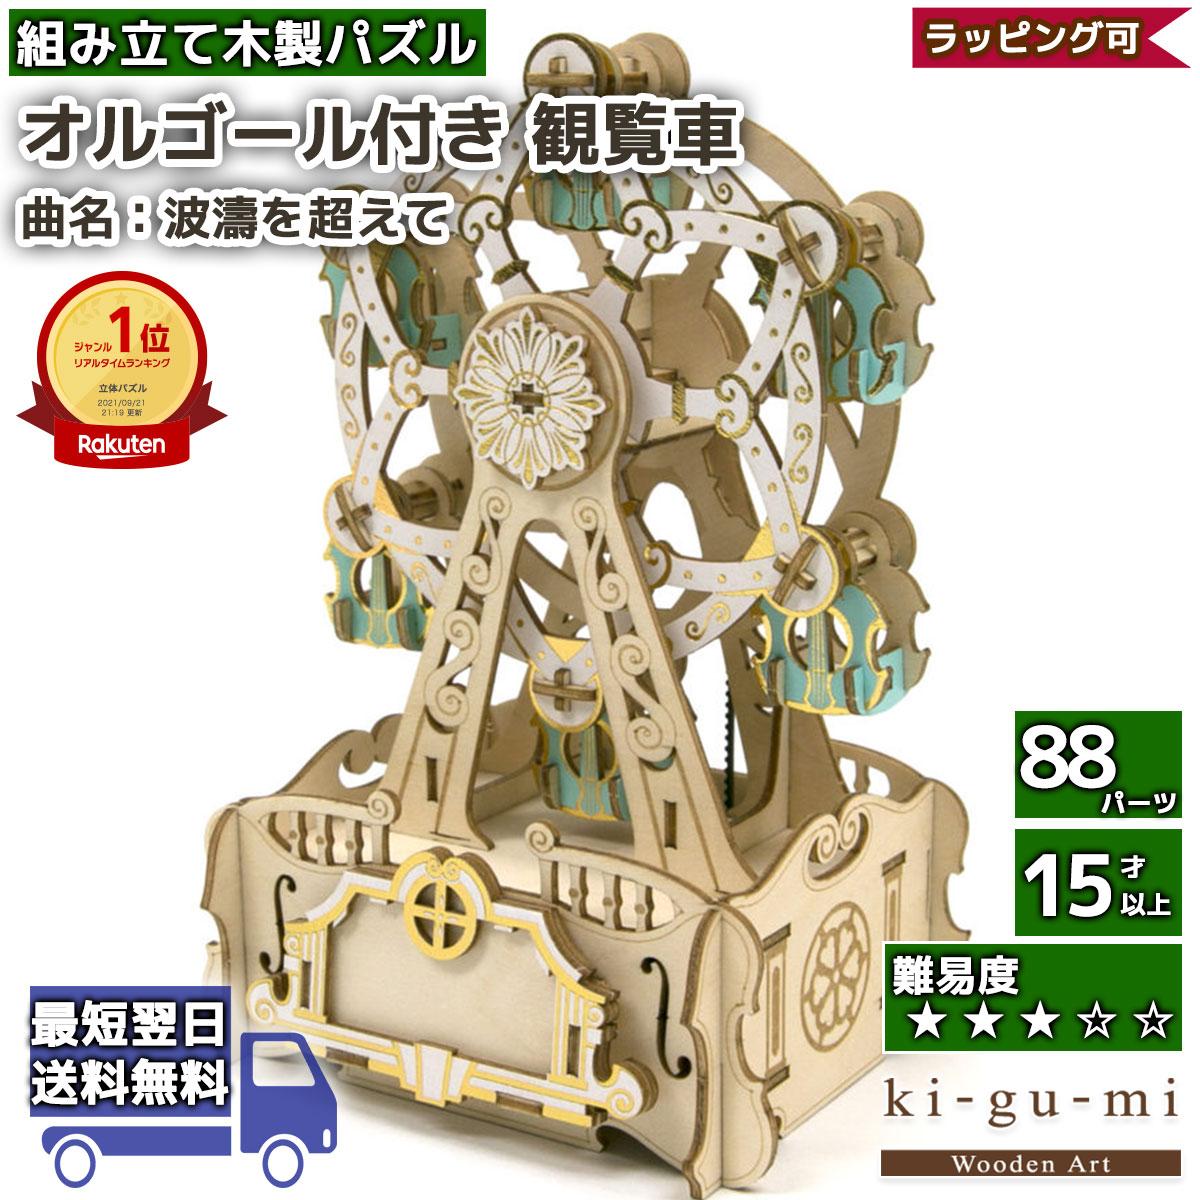 パズル, 立体パズル 19 FC P2 kigumi ki-gu-mi azone 3D